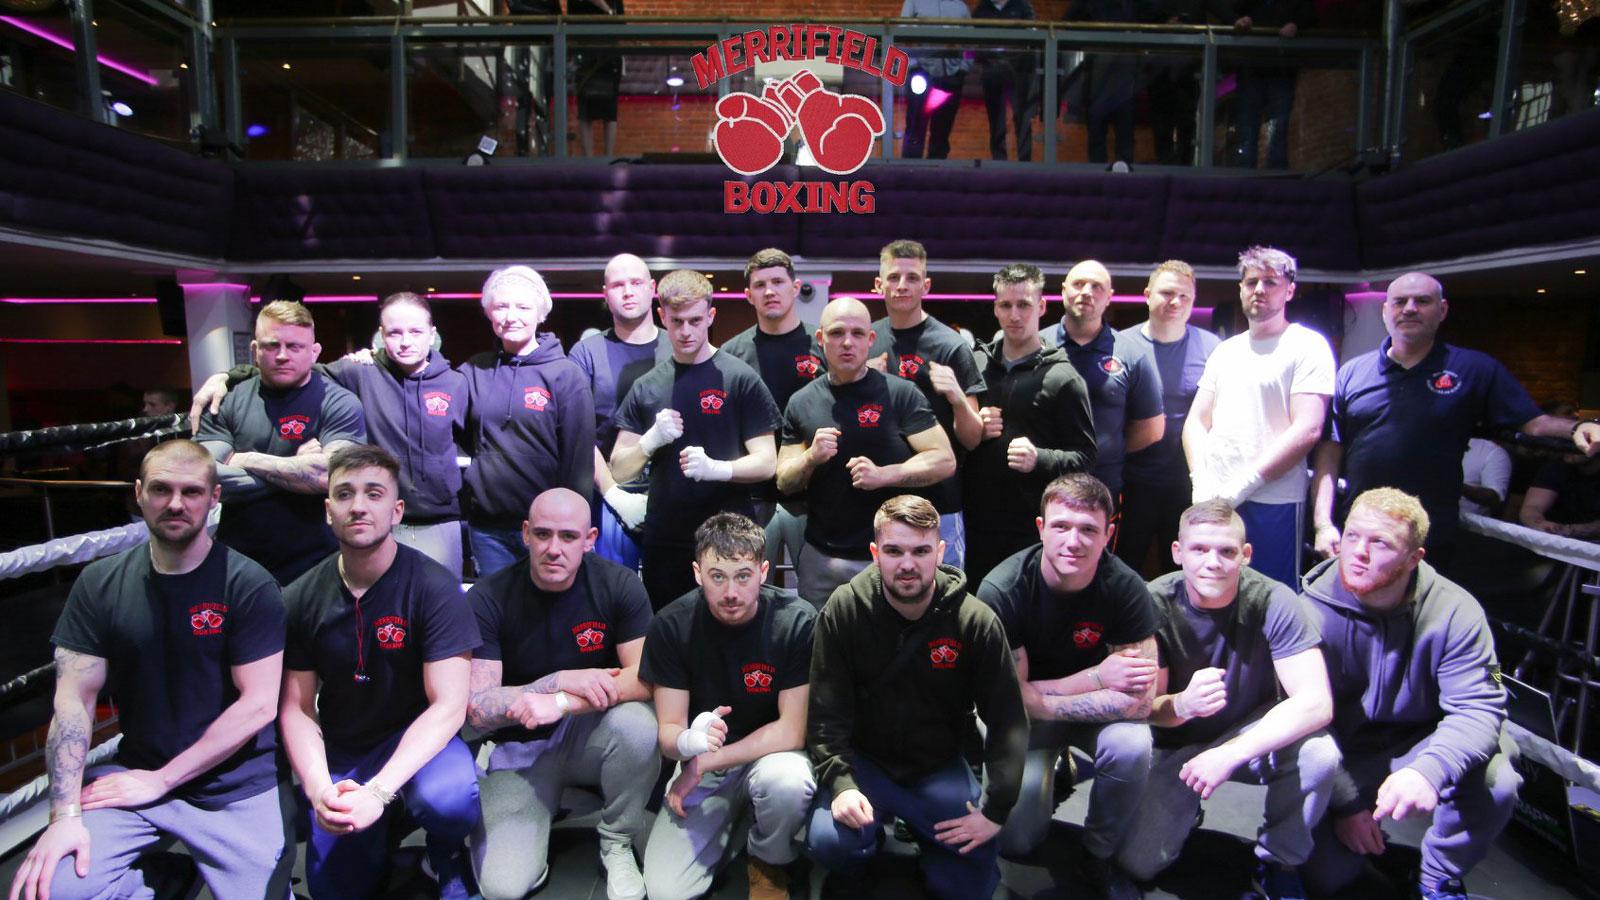 Merrifield Boxing: Shrewsbury Fight Night 5